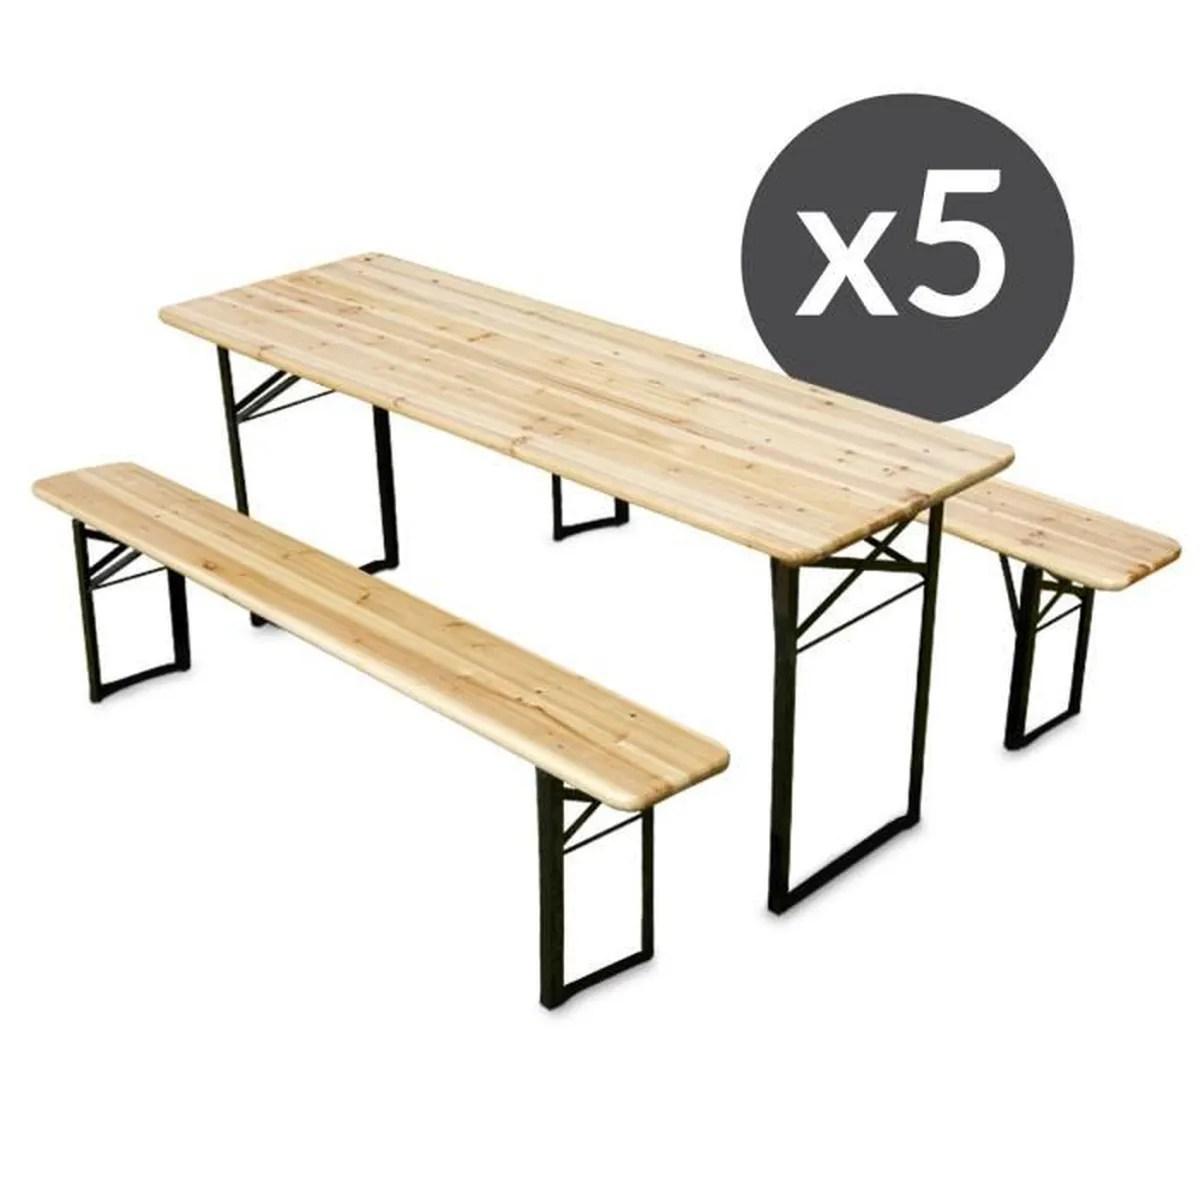 Table De Jardin En Bois Avec Banc   Table En Bois Avec Banc Appiar Io